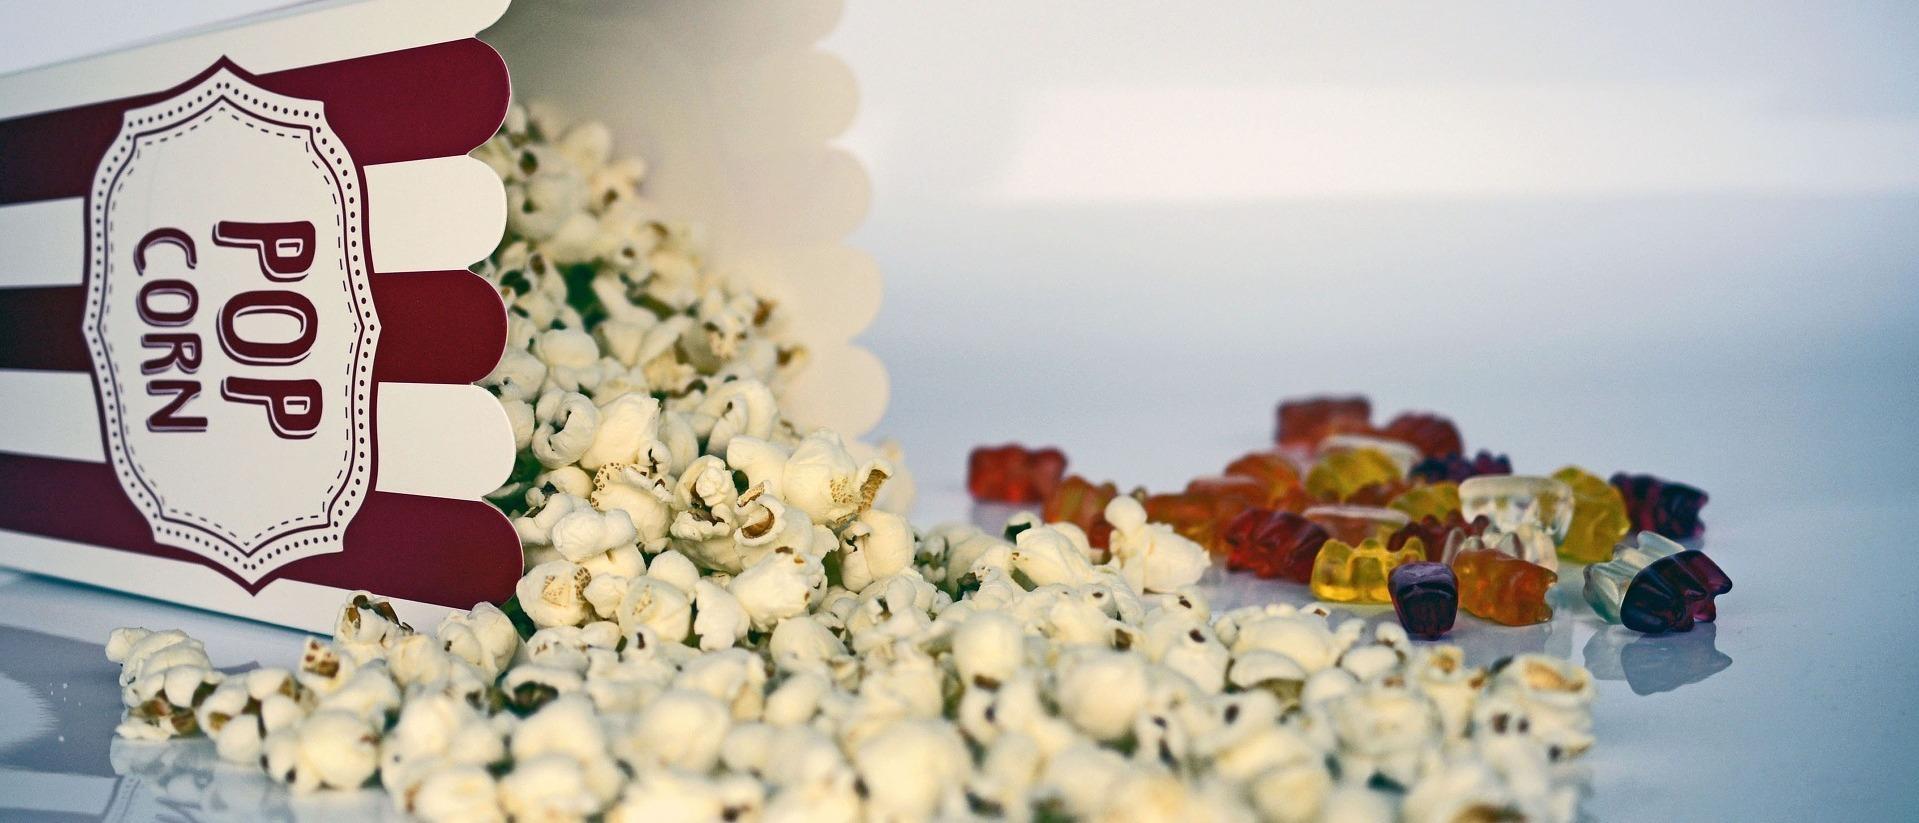 Votez pour votre film préféré avec les Oscars du Forum !